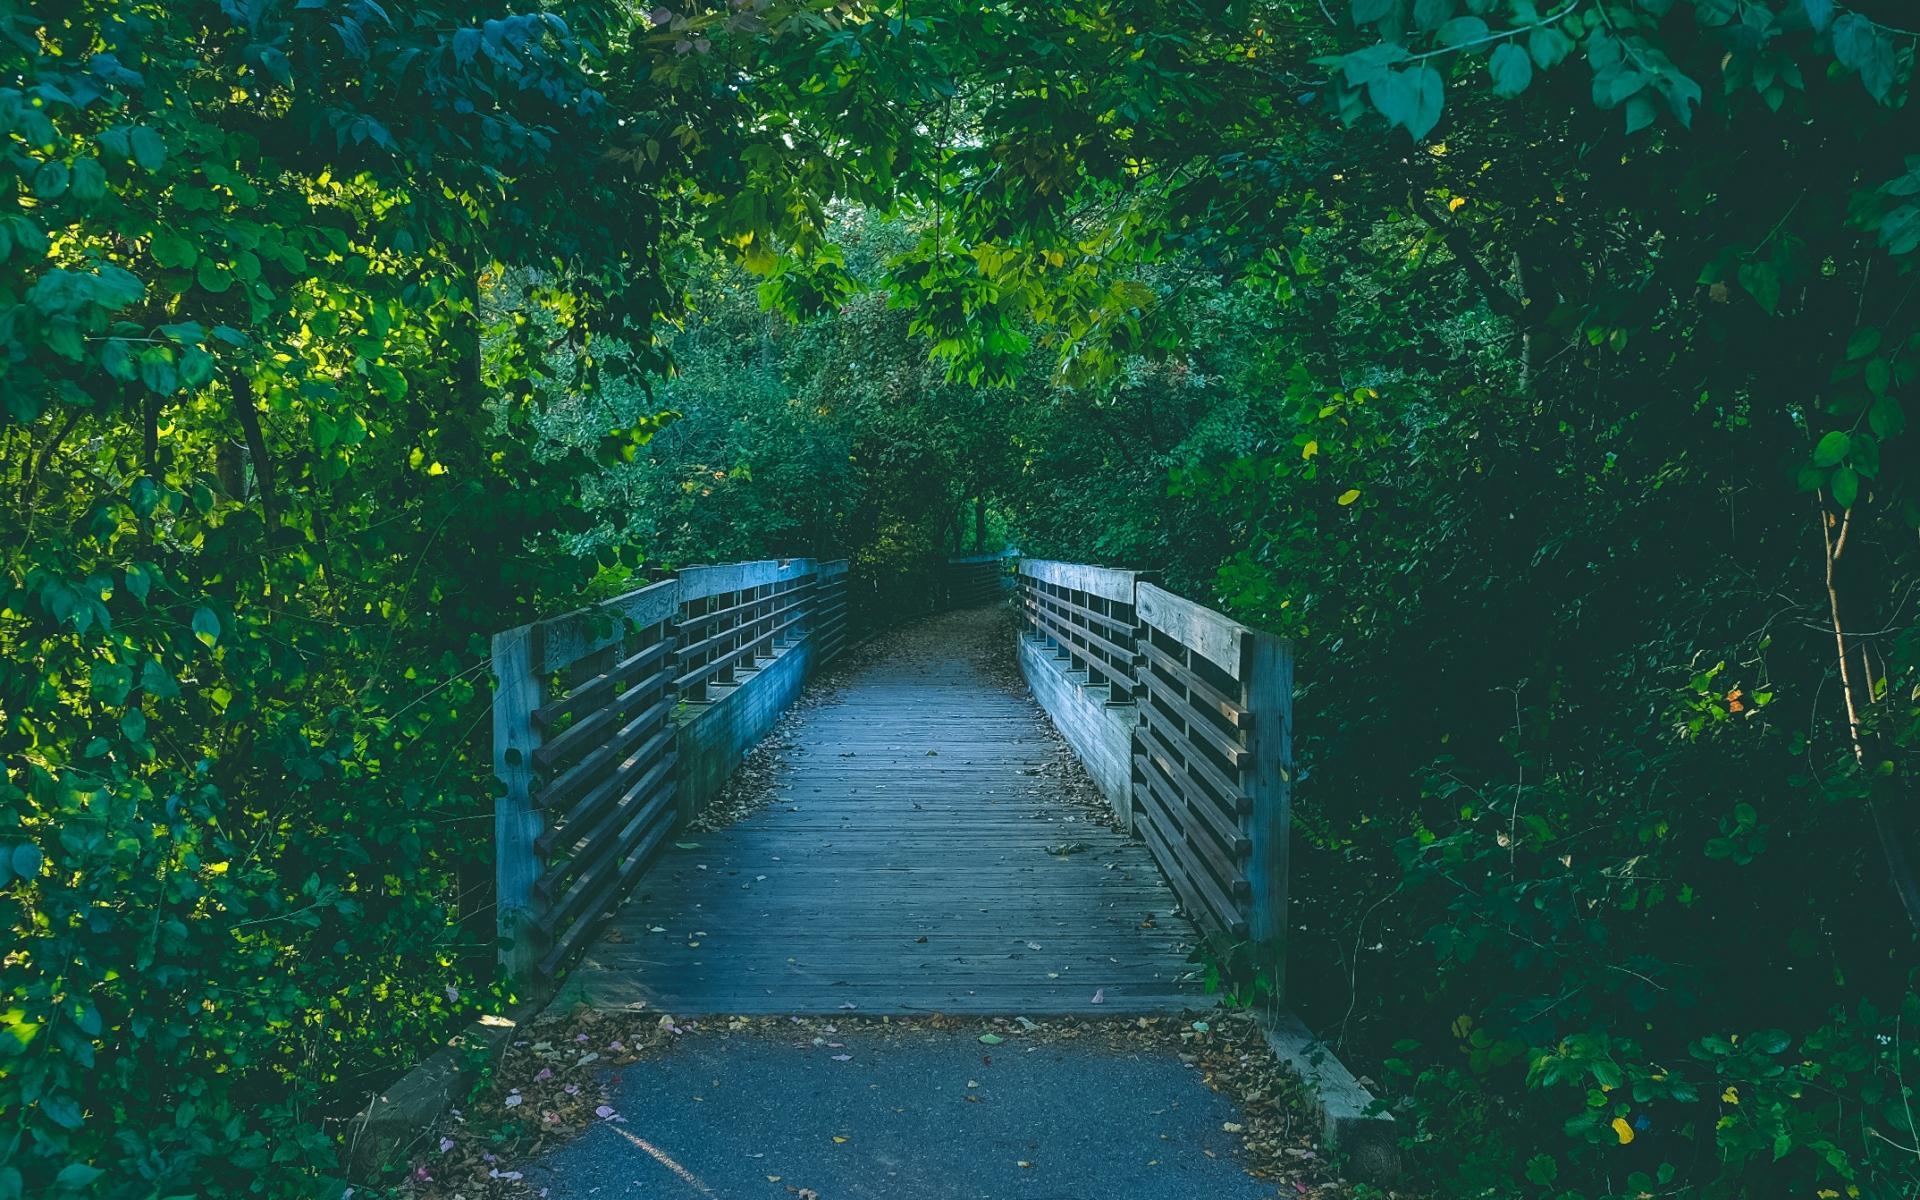 安静优美的小桥自然风景图片桌面壁纸